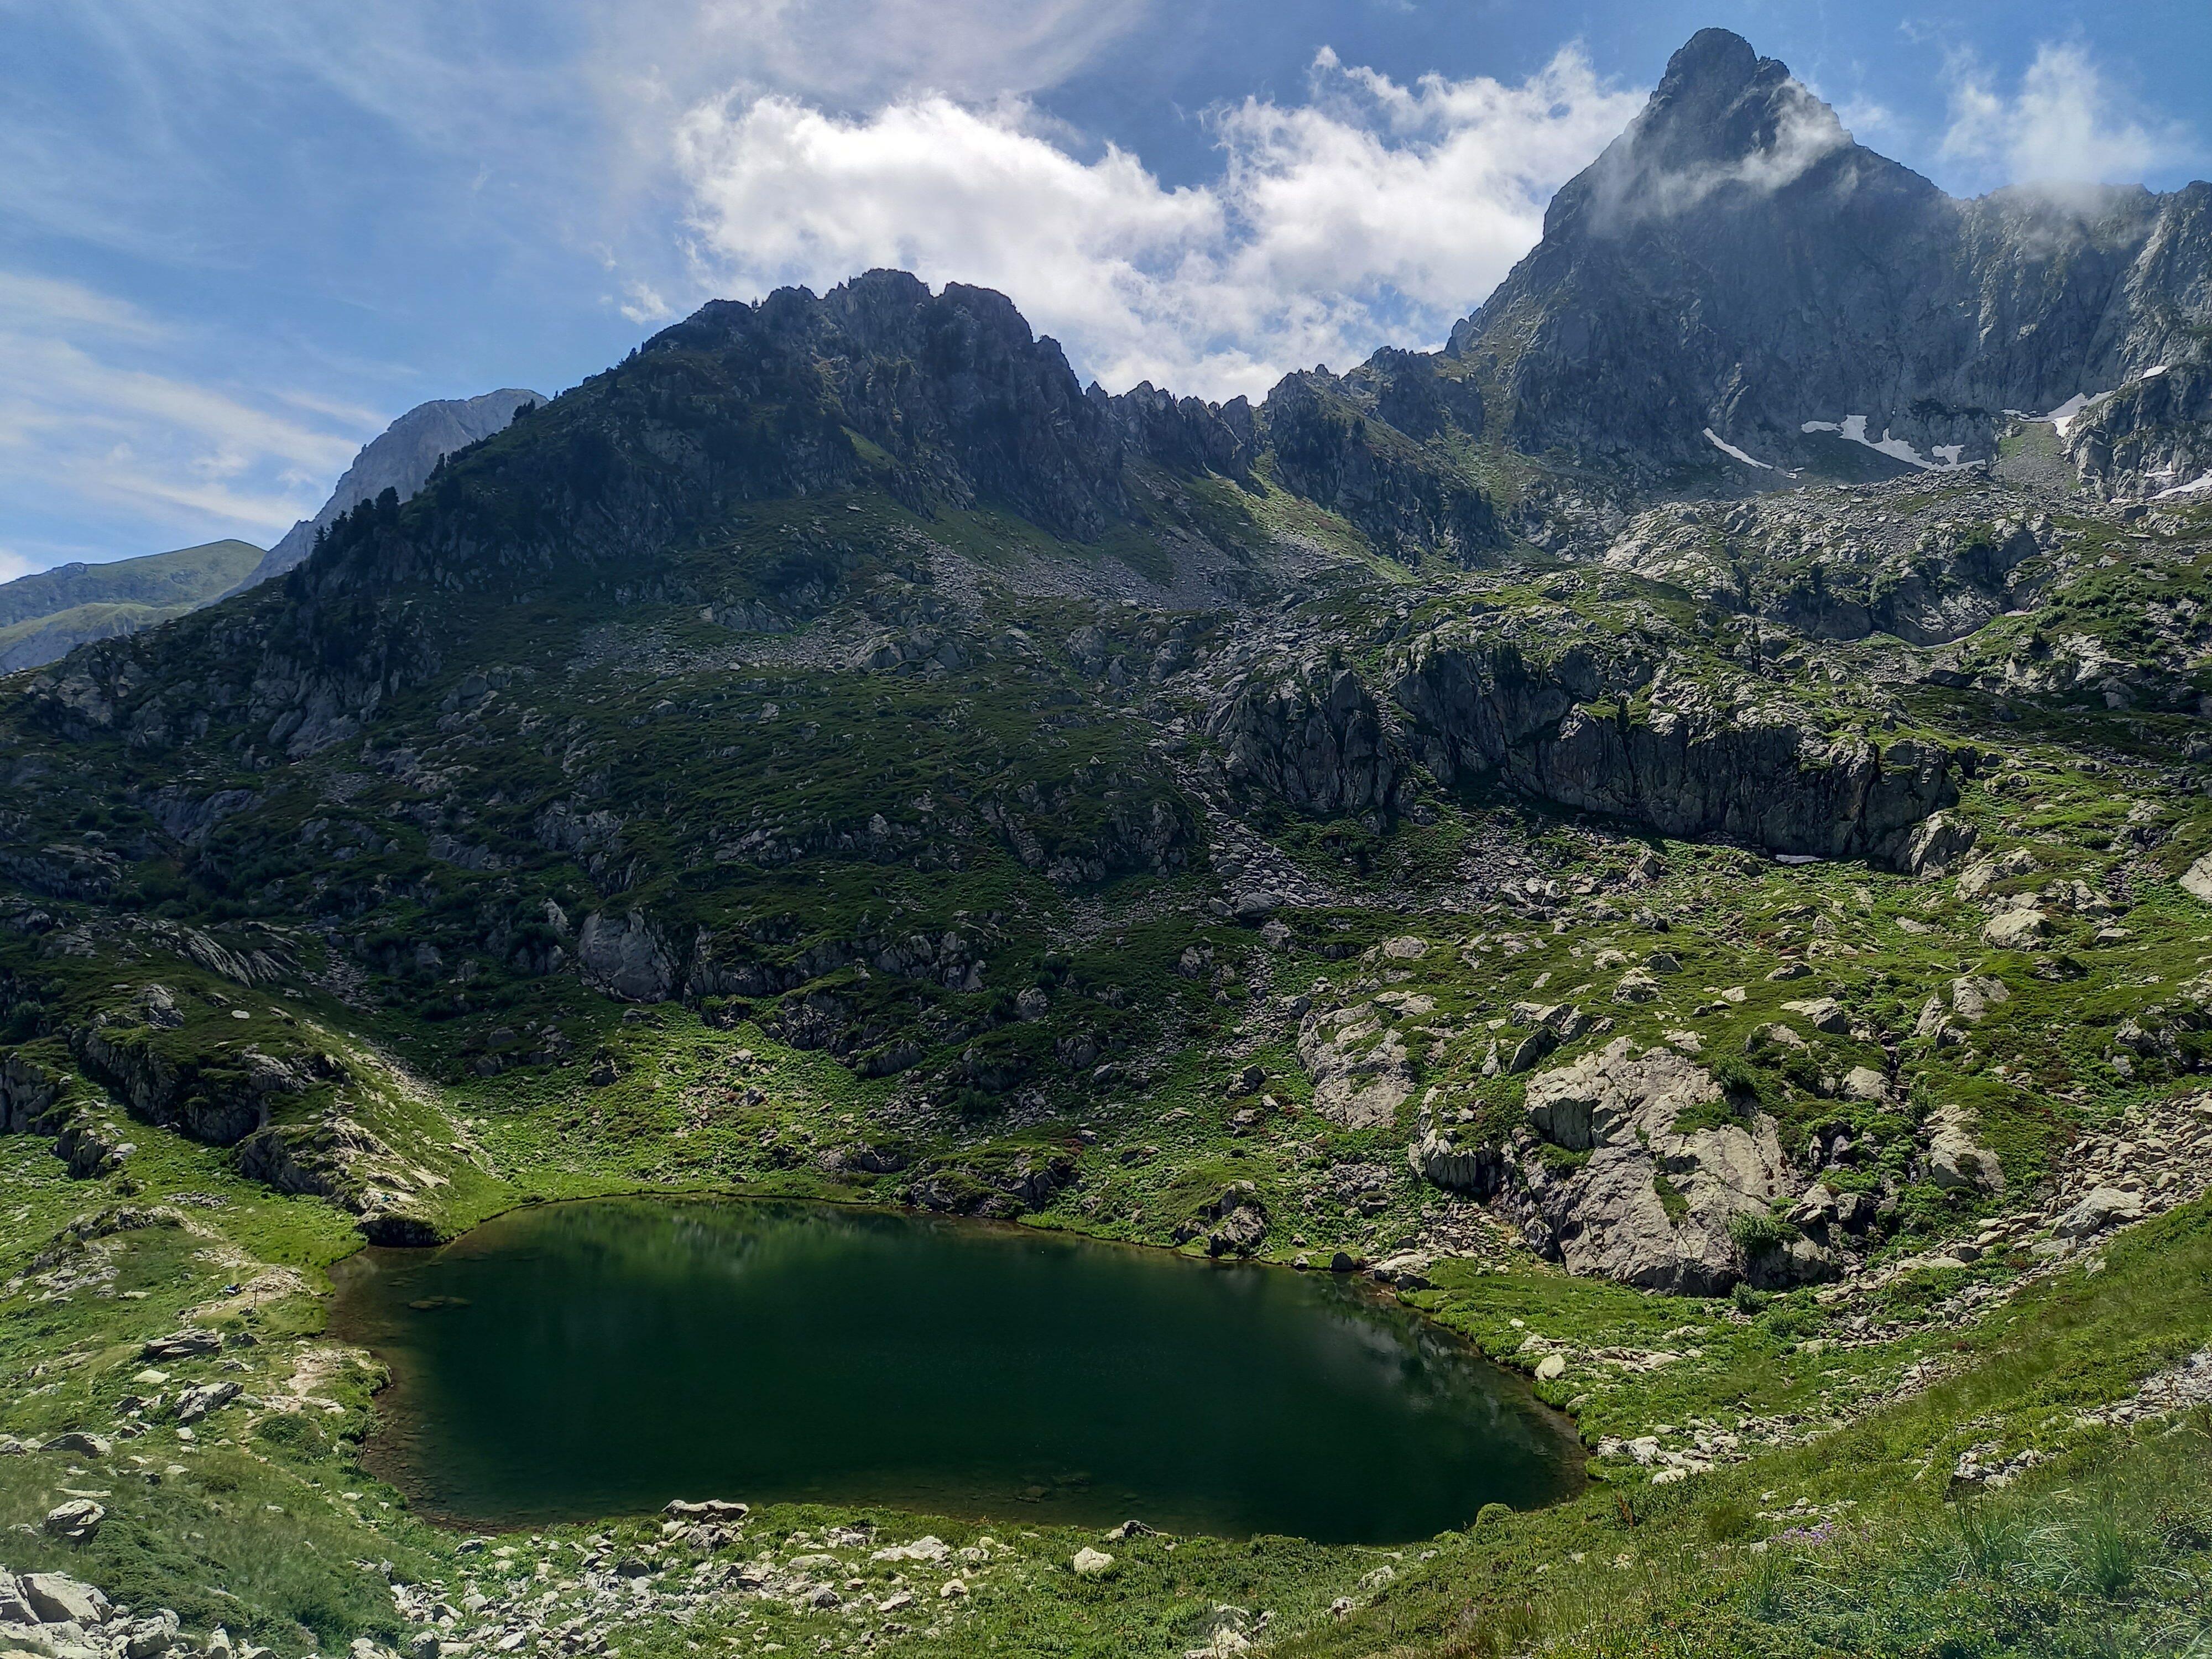 Frisson e lago inferiore